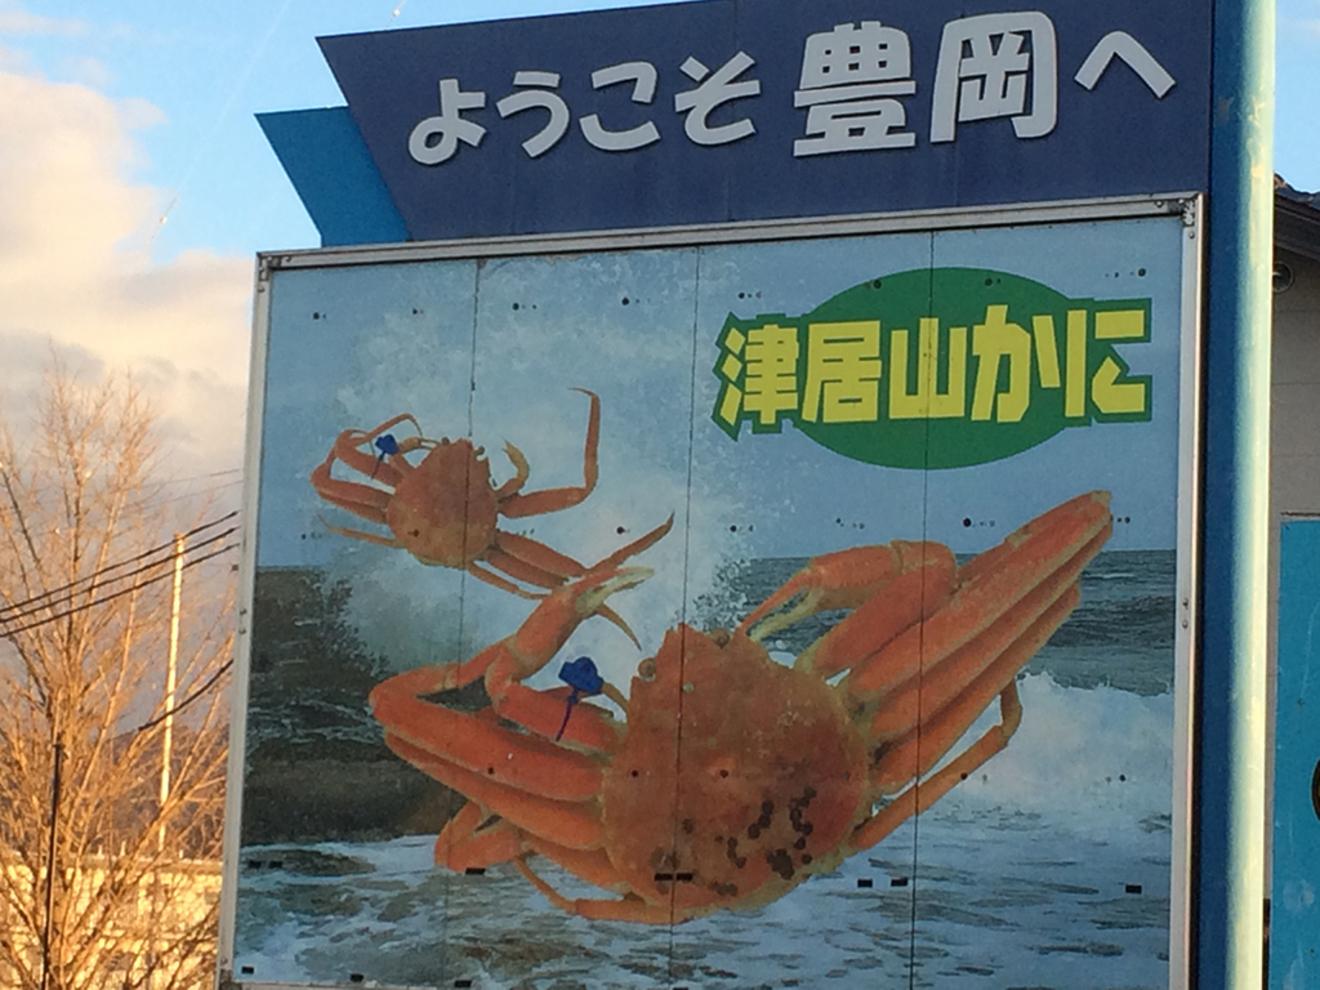 おいちゃんたちの青春旅行記は、ずいぶん楽しい。読んでる分には【山本裕子】